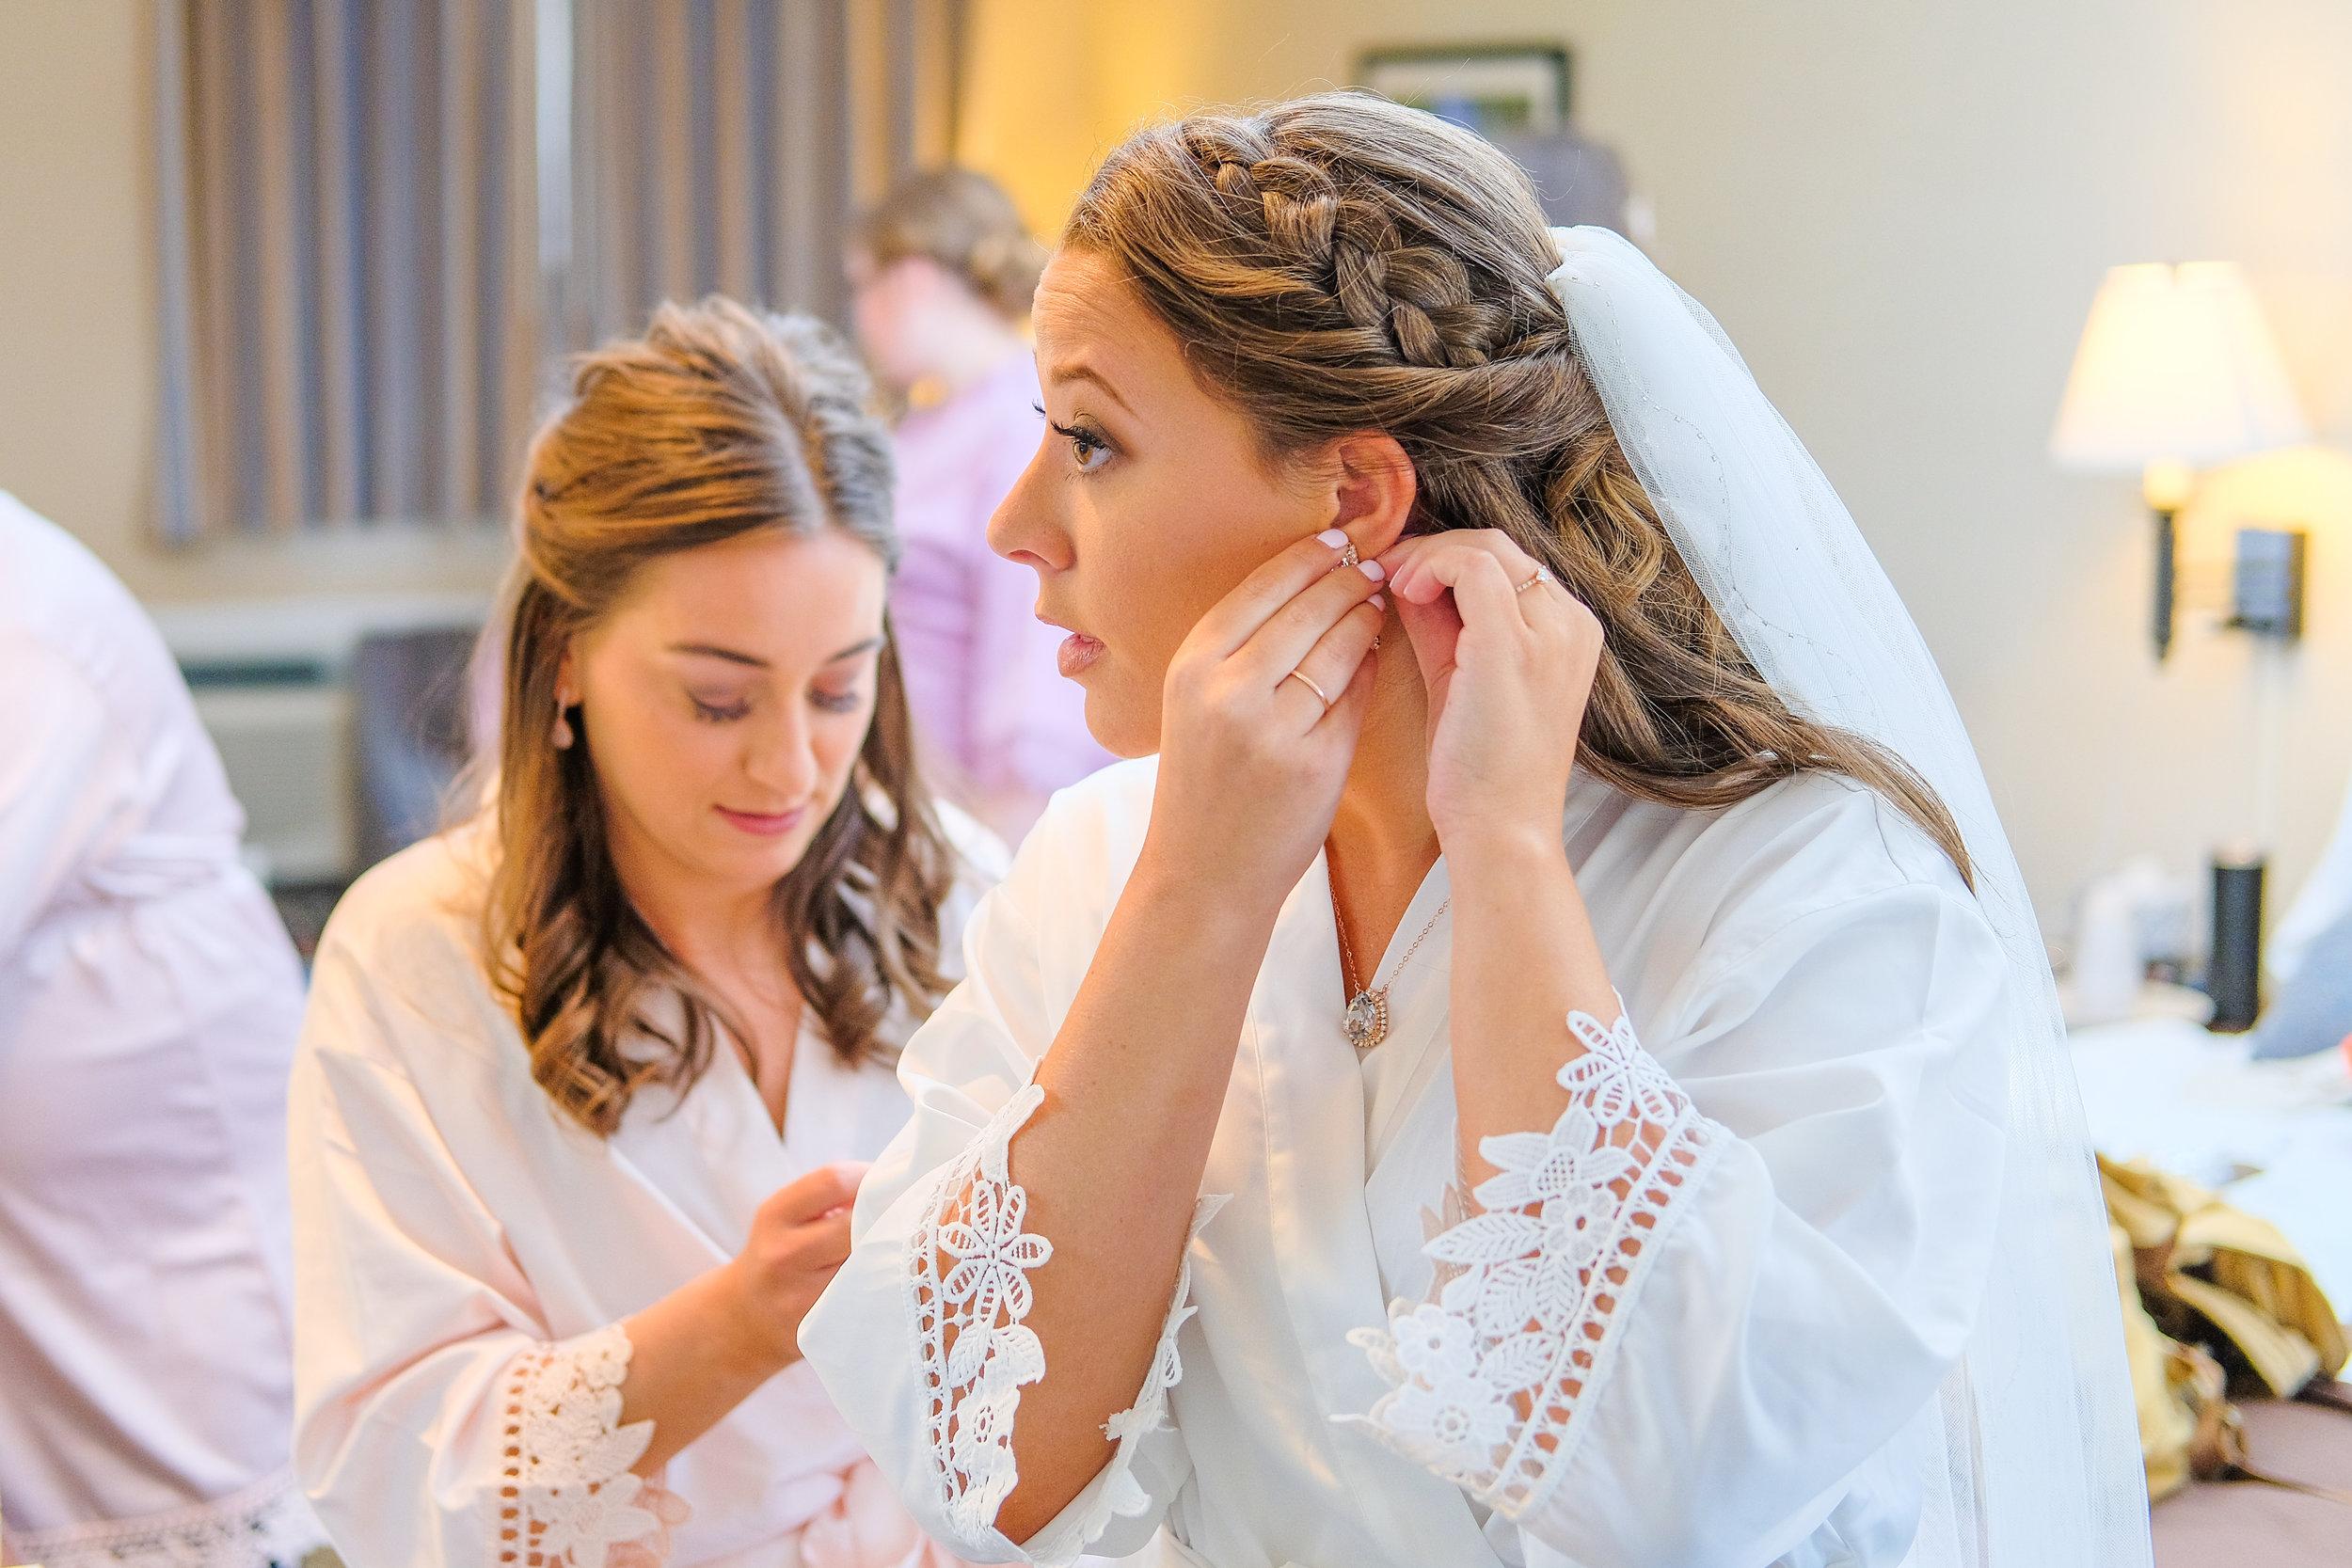 laconia-margate-wedding-photography-43.jpg